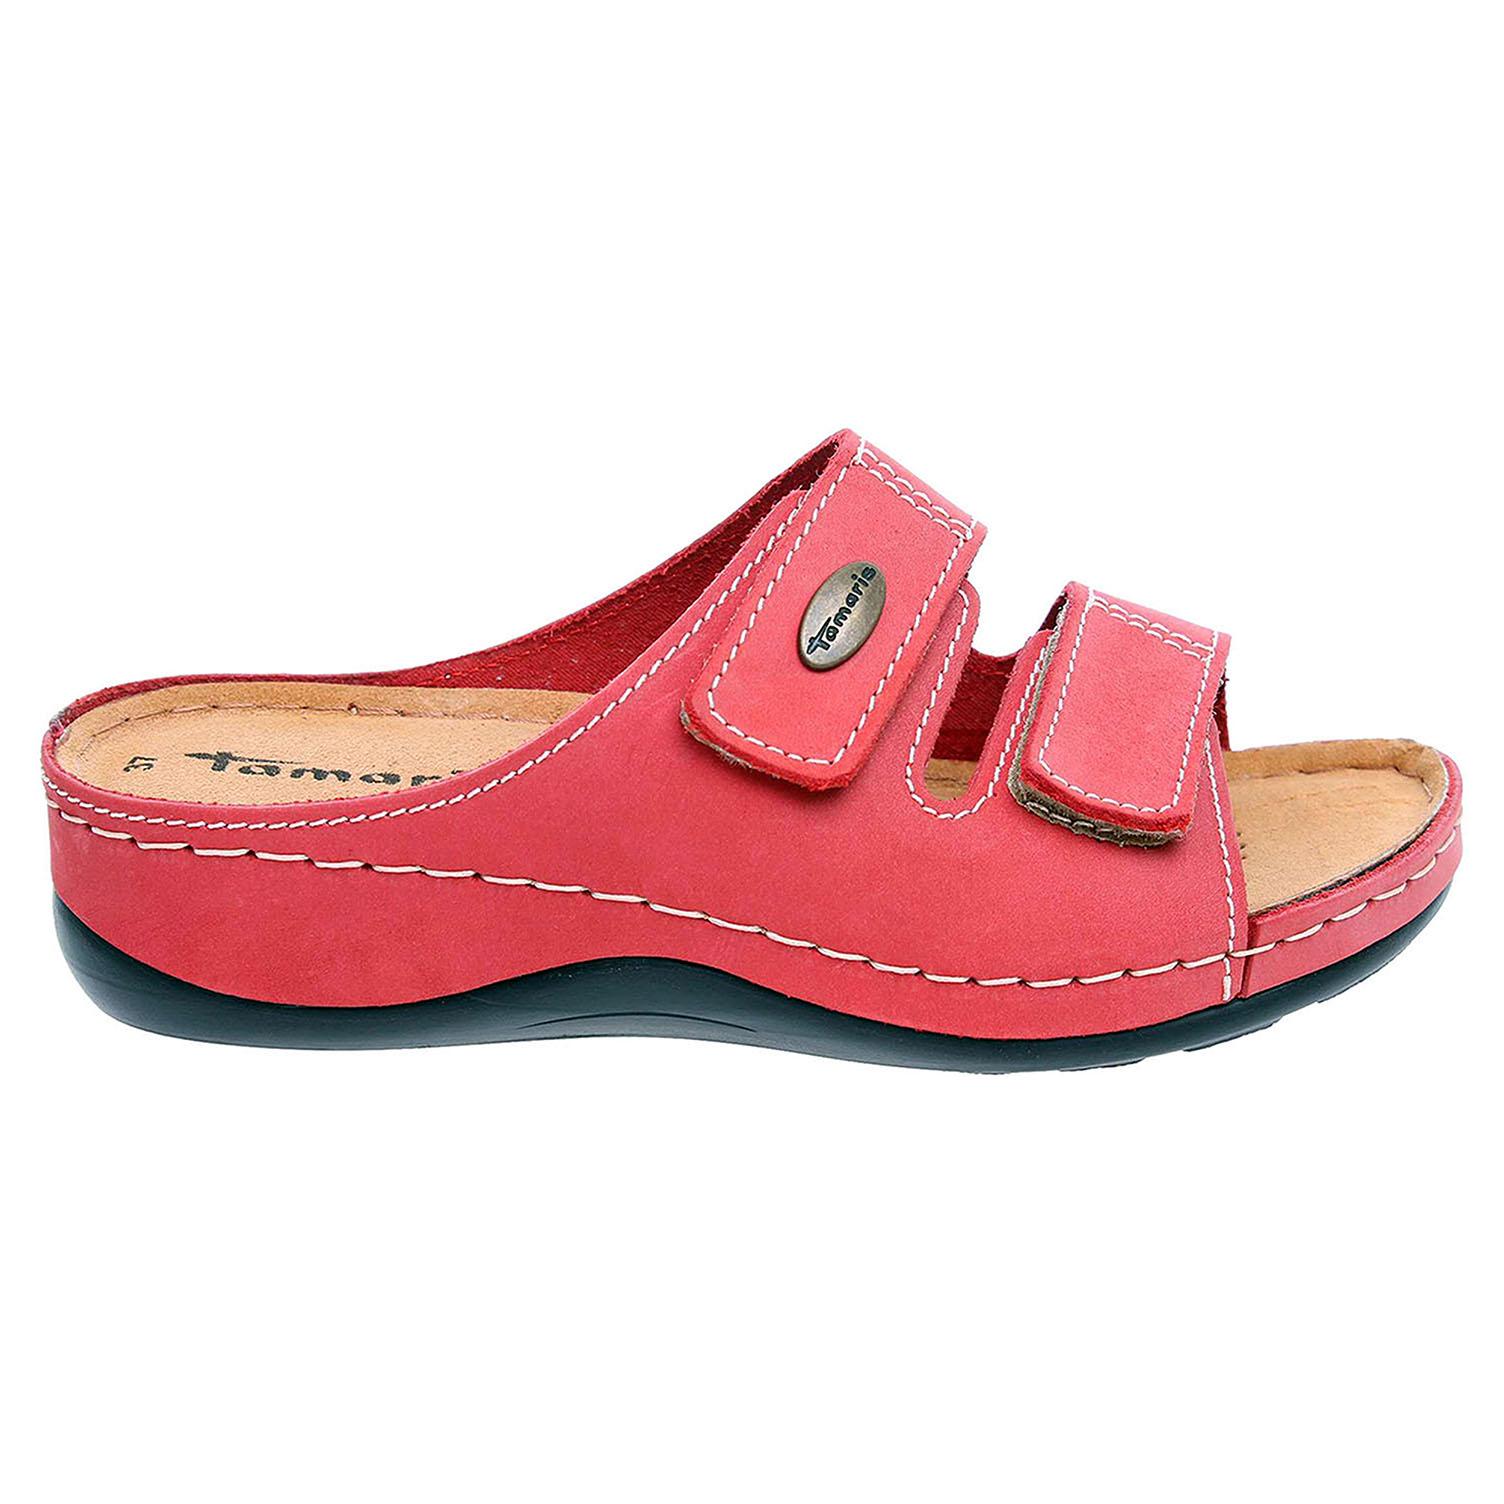 Tamaris dámské pantofle 1-27510-21 red 1-1-27510-21 500 36